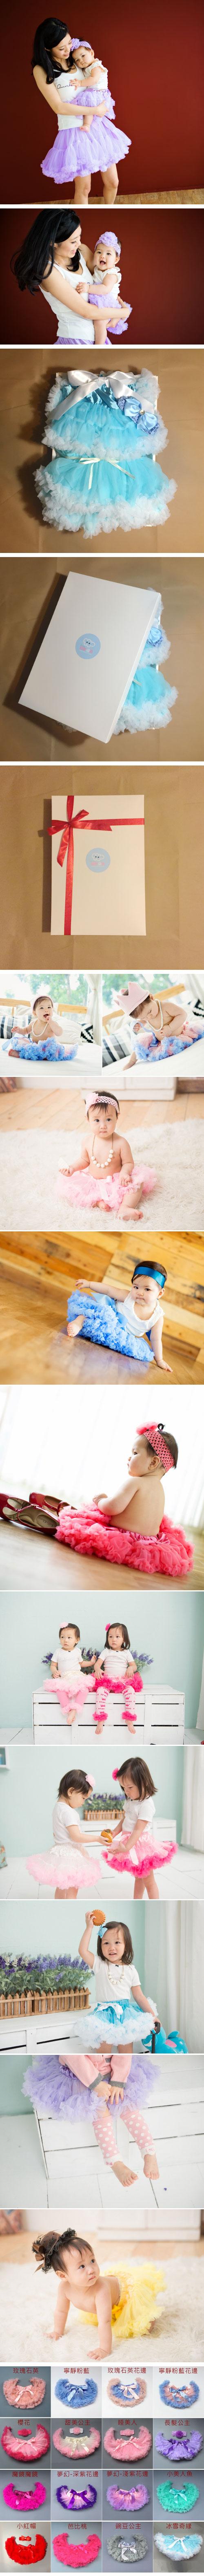 日安朵朵 女嬰童蓬蓬裙組 - Daddy's Girls母女蓬裙2件組 3-4歲 (90cm)